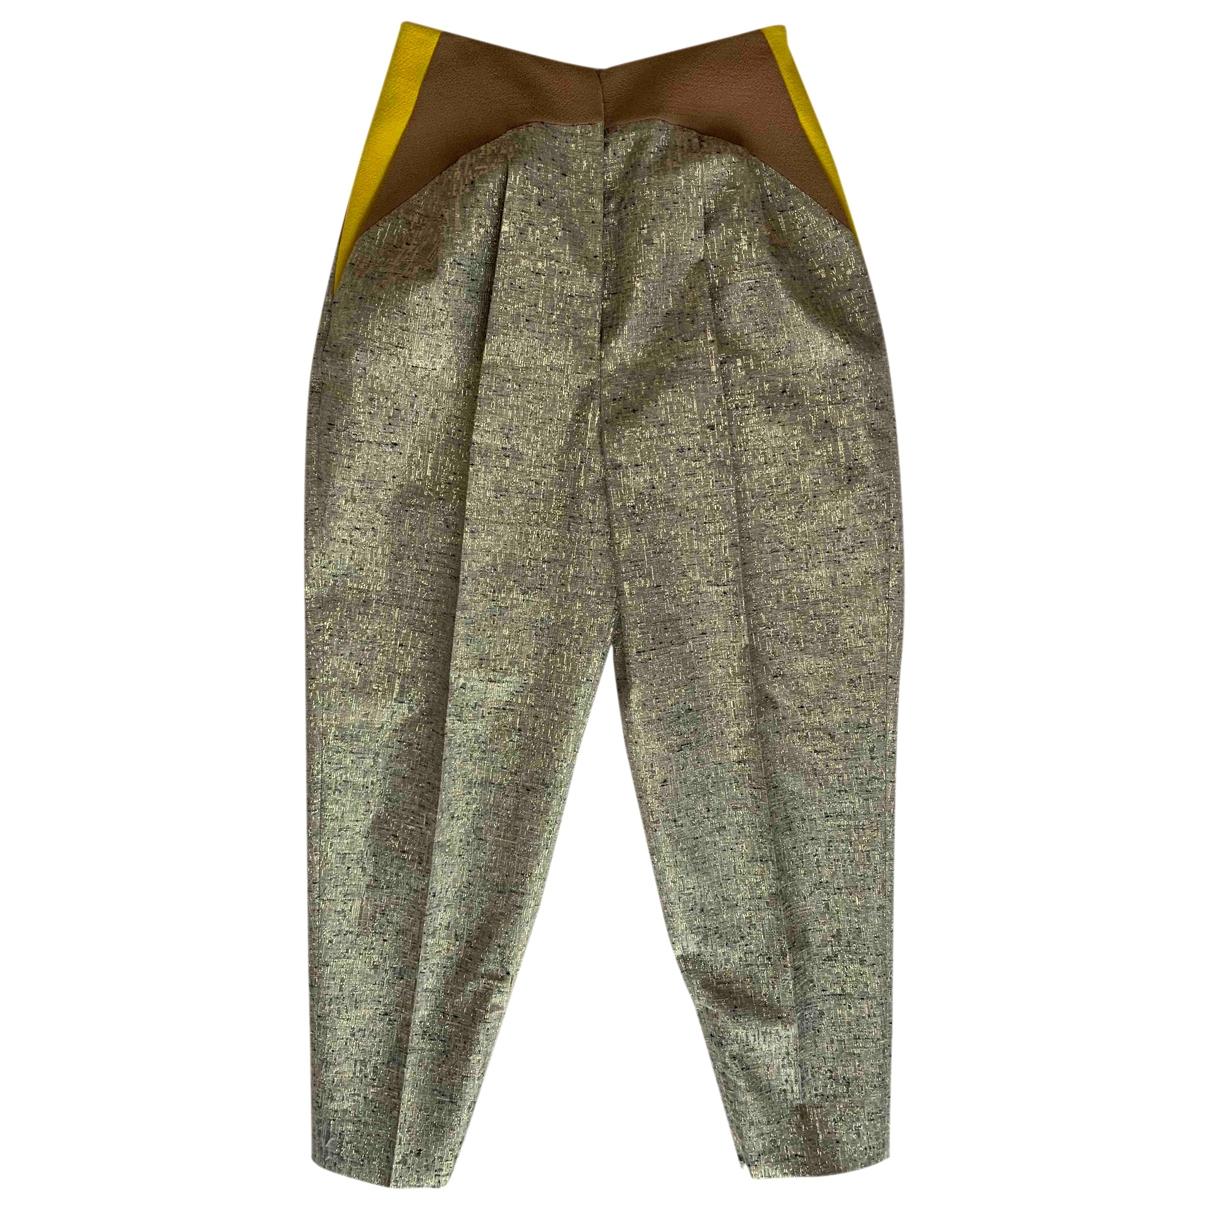 Delpozo \N Beige Silk Trousers for Women 36 FR